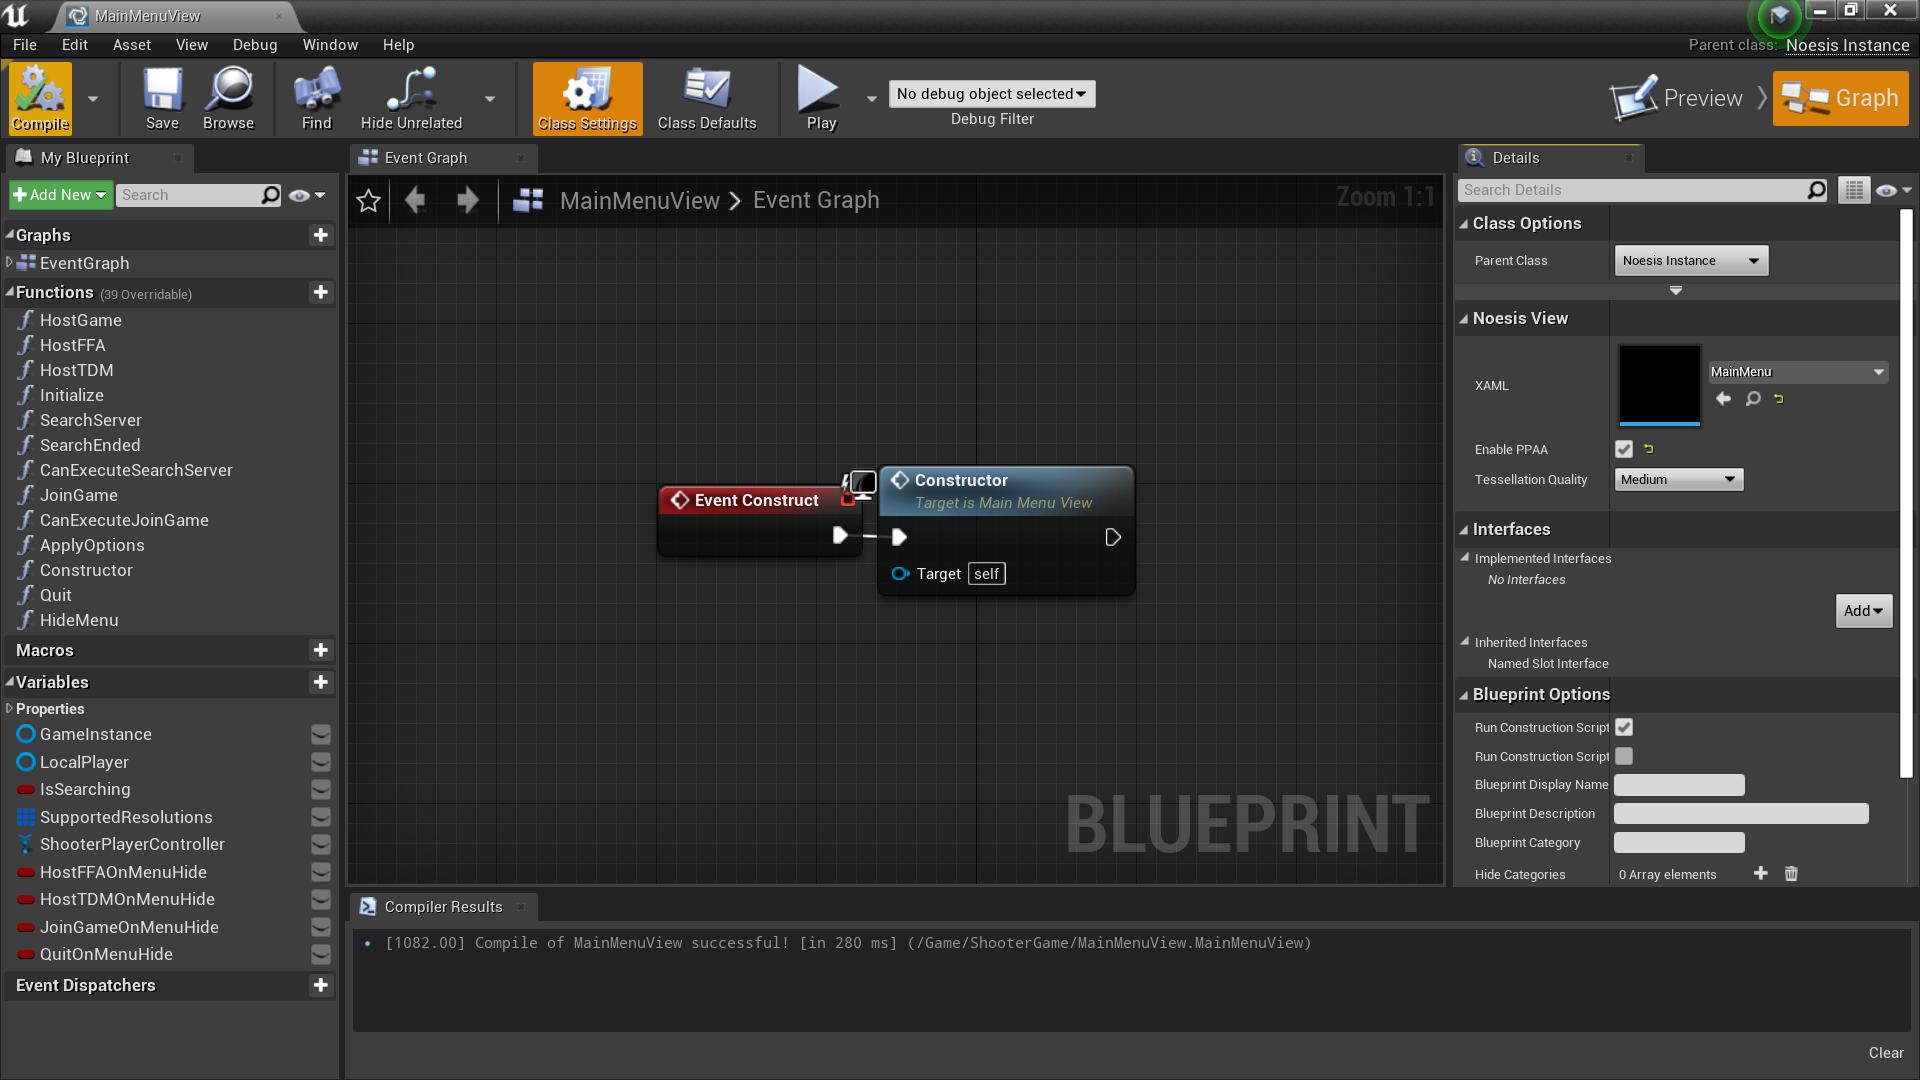 NoesisBlueprint'/Game/ShooterGame/MainMenuView.MainMenuView'